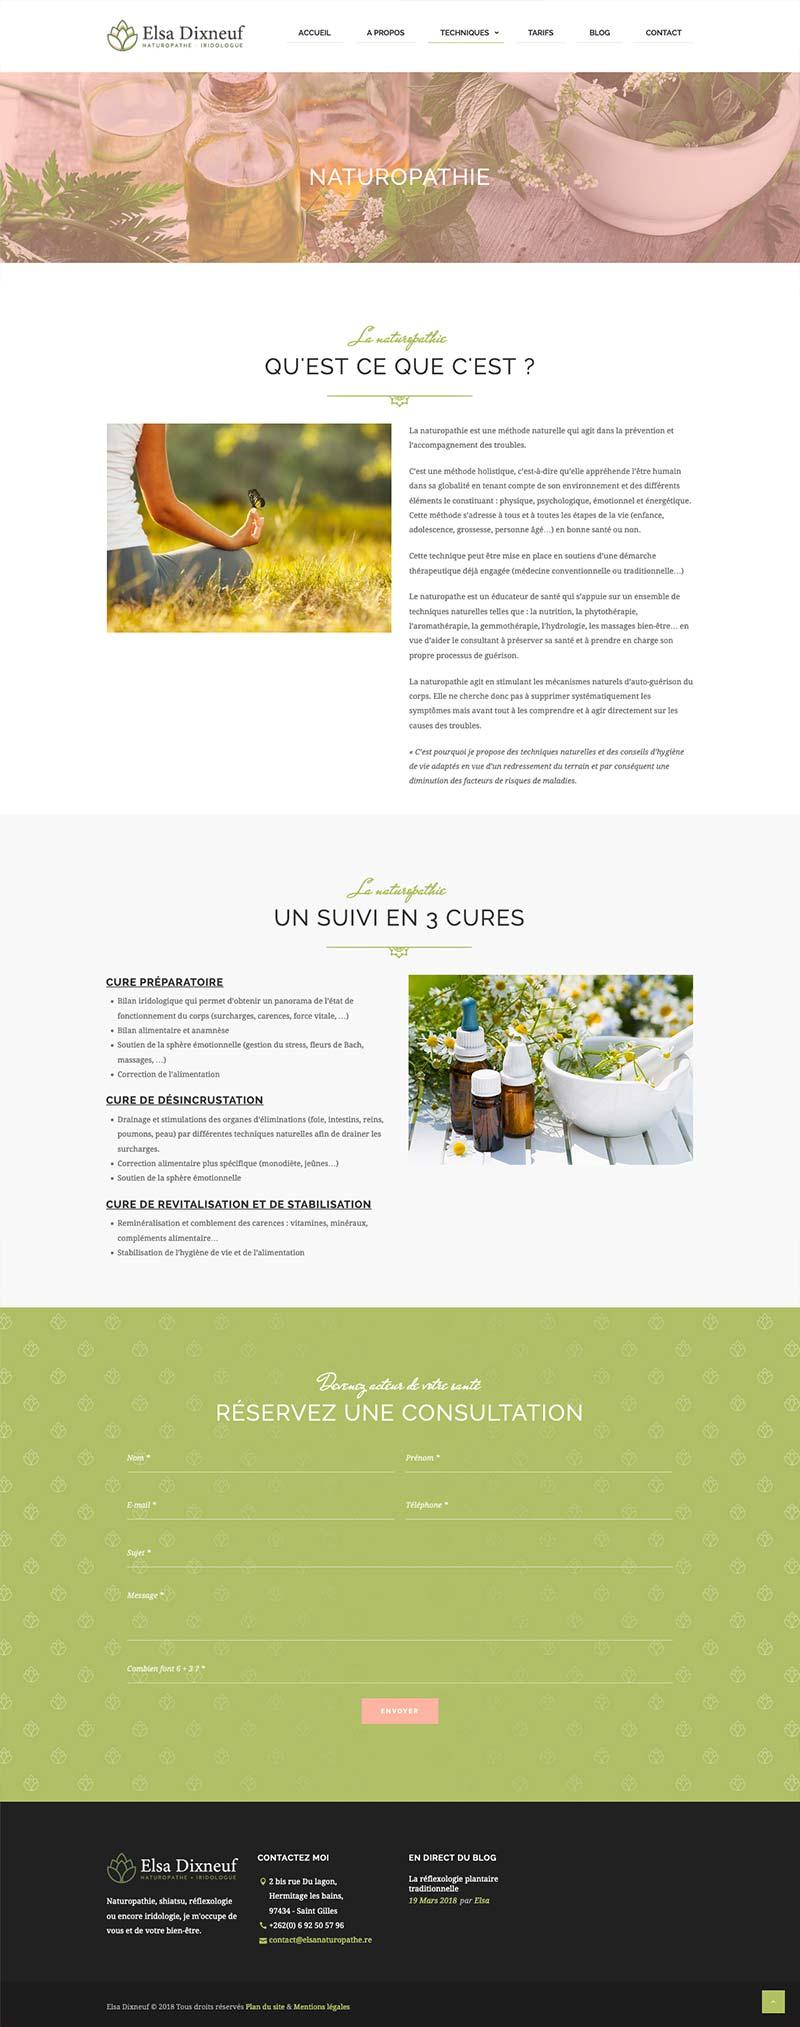 Page technique du site internet de la naturopathe Elsa Dixneuf